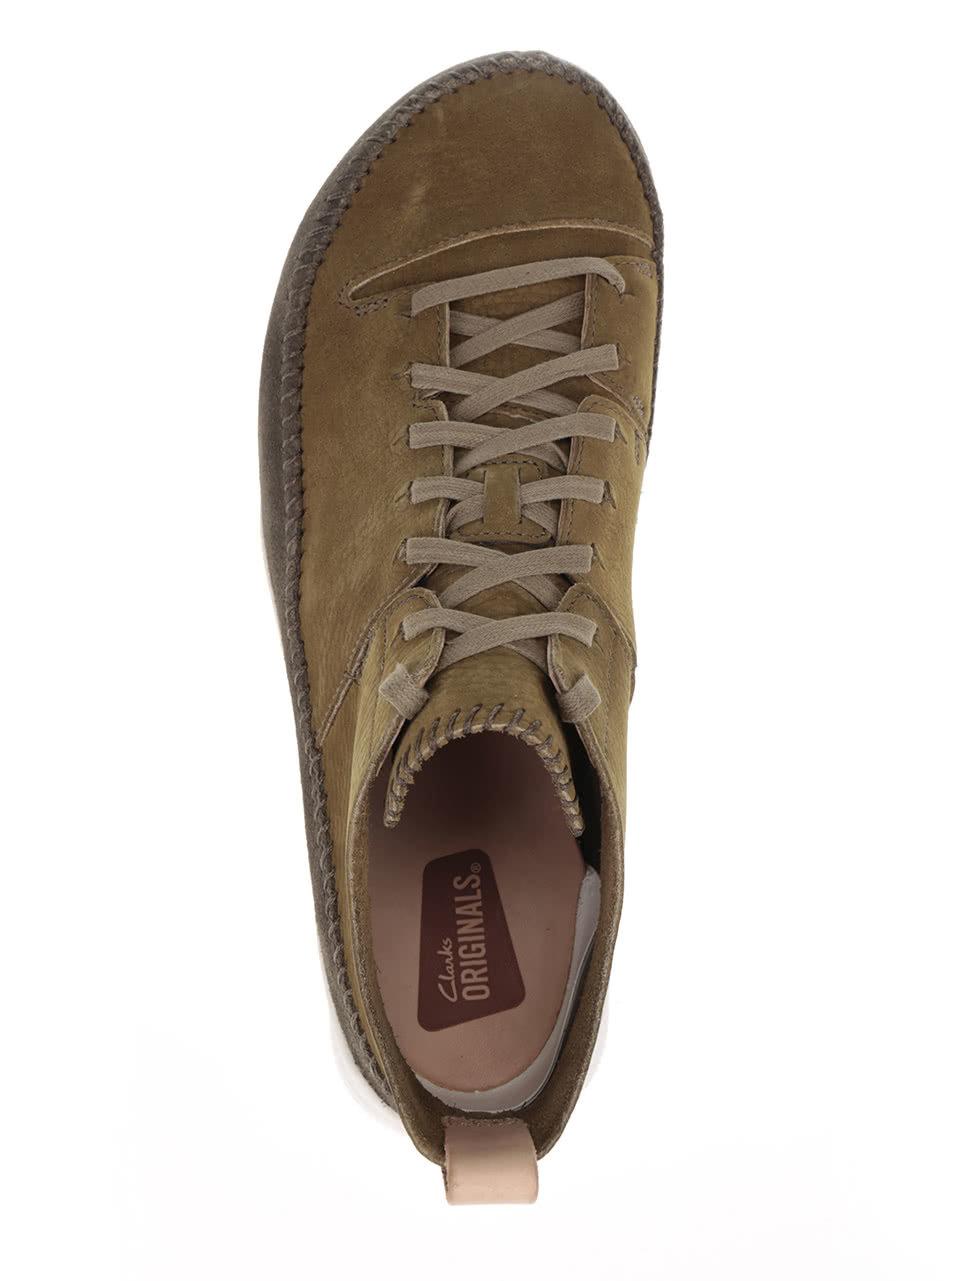 323bc5232ad Zelené pánské semišové kotníkové boty Clarks Trigenicflex ...